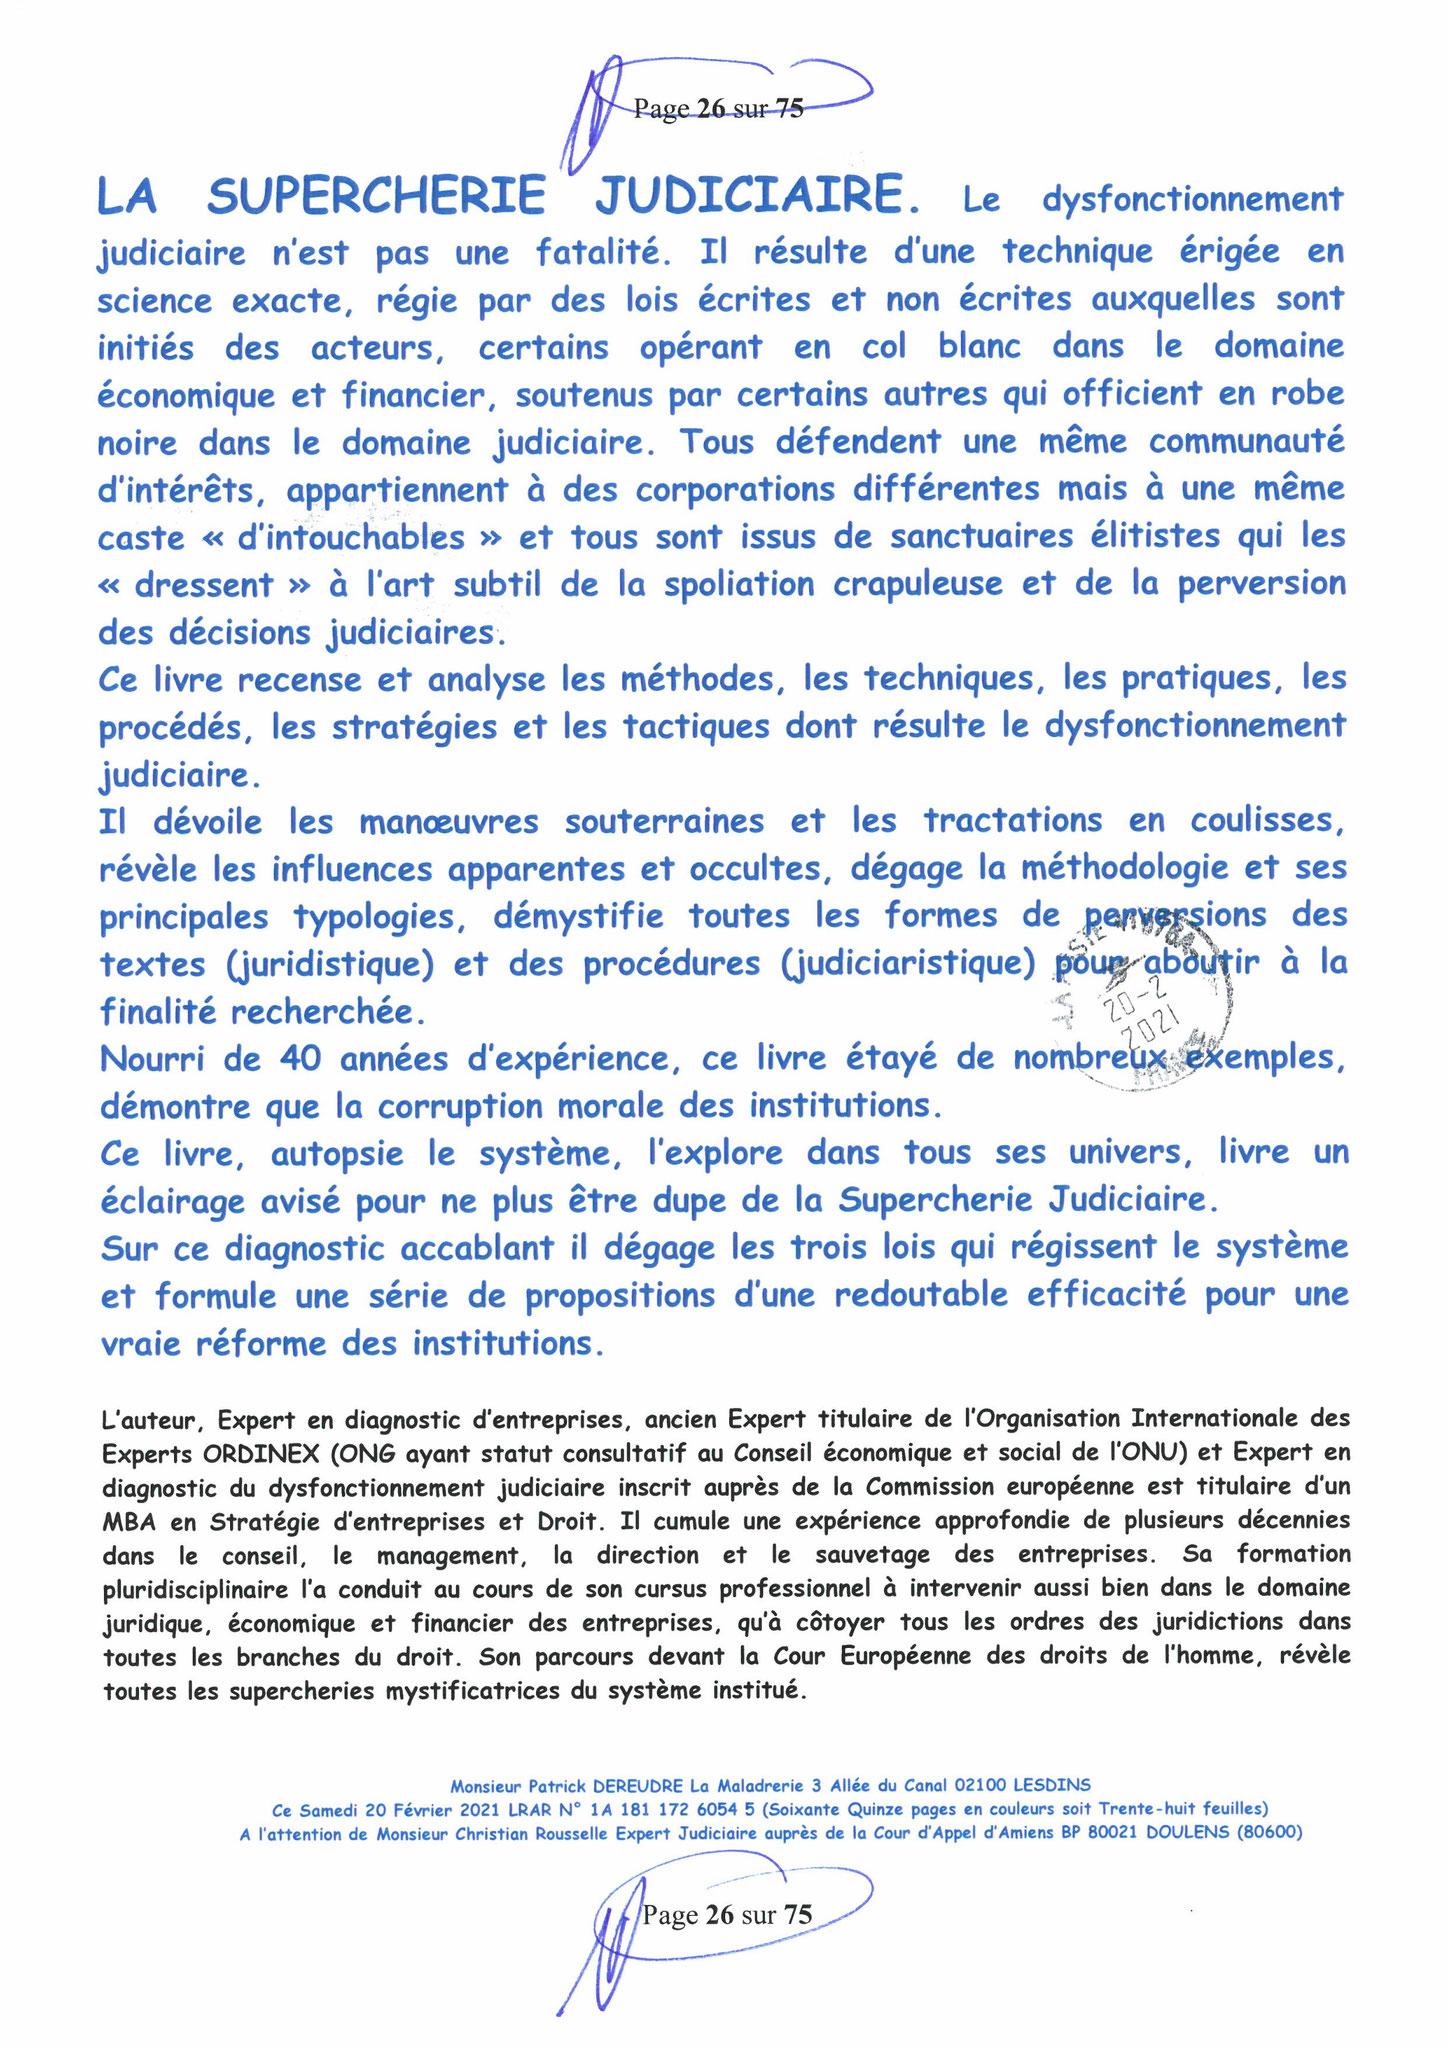 Page 26 Ma  Lettre Recommandée à Monsieur Christian ROUSSELLE Expert Judiciaire auprès de la Cour d'Appel d'Amiens Affaire MES CHERS VOISINS nos  www.jenesuispasunchien.fr www.jesuisvictime.fr www.jesuispatrick.fr PARJURE & CORRUPTION JUSTICE REPUBLIQUE